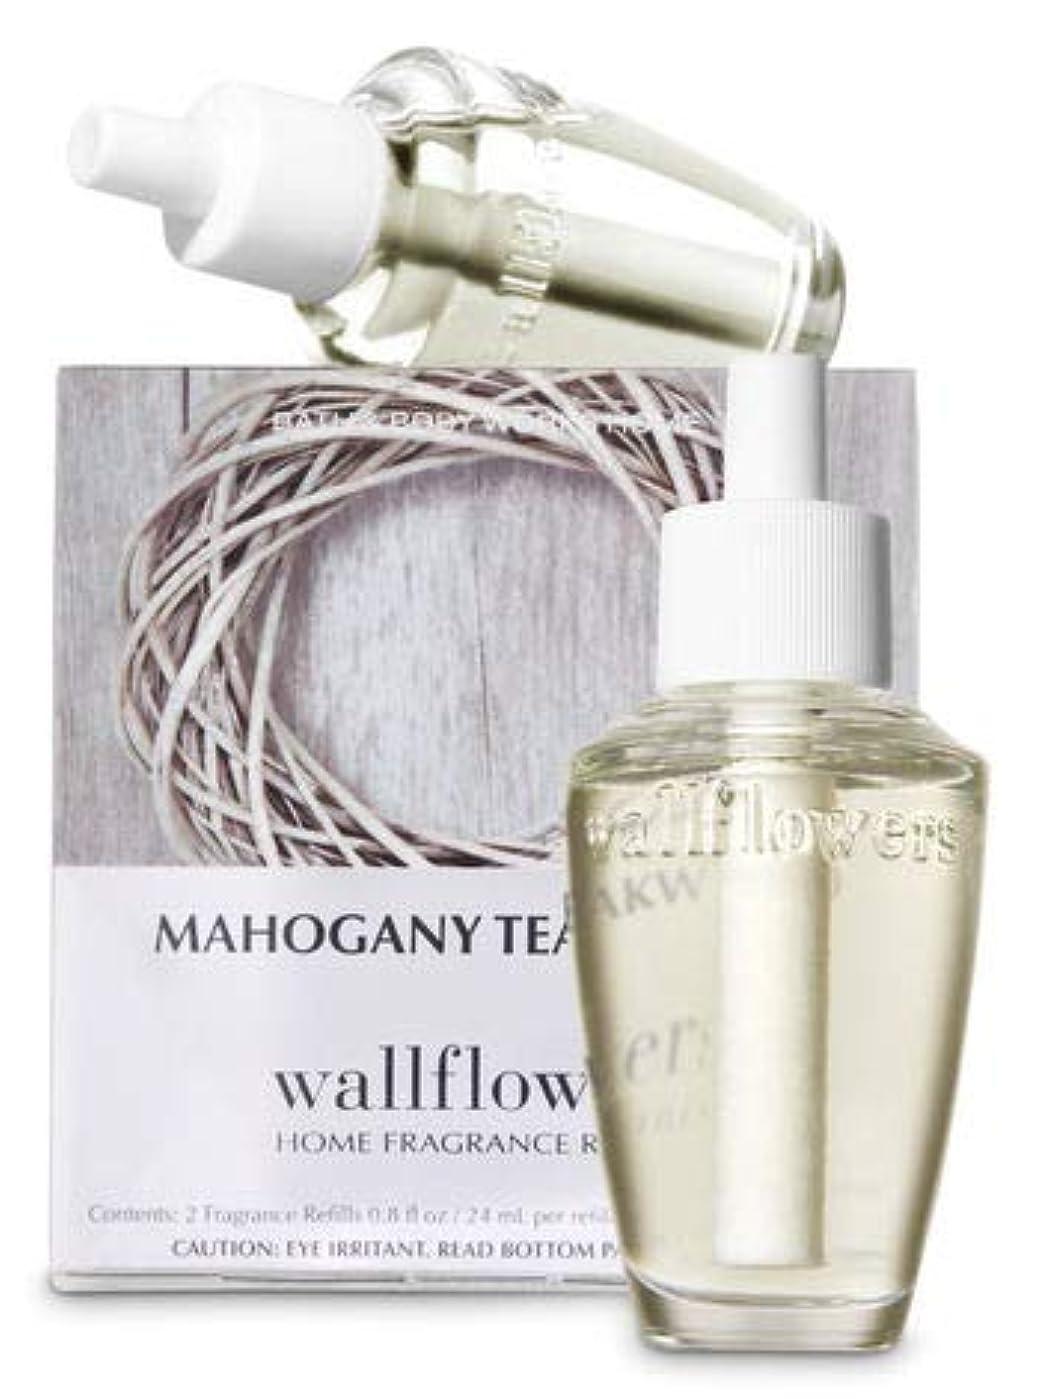 承認する歯科のコスチューム【Bath&Body Works/バス&ボディワークス】 ウォールフラワー フレグランス 詰替えリフィル(2個入り) マホガニーティークウッド Wallflowers Fragrance 2-Pack Refills Mahogany Teakwood [並行輸入品]